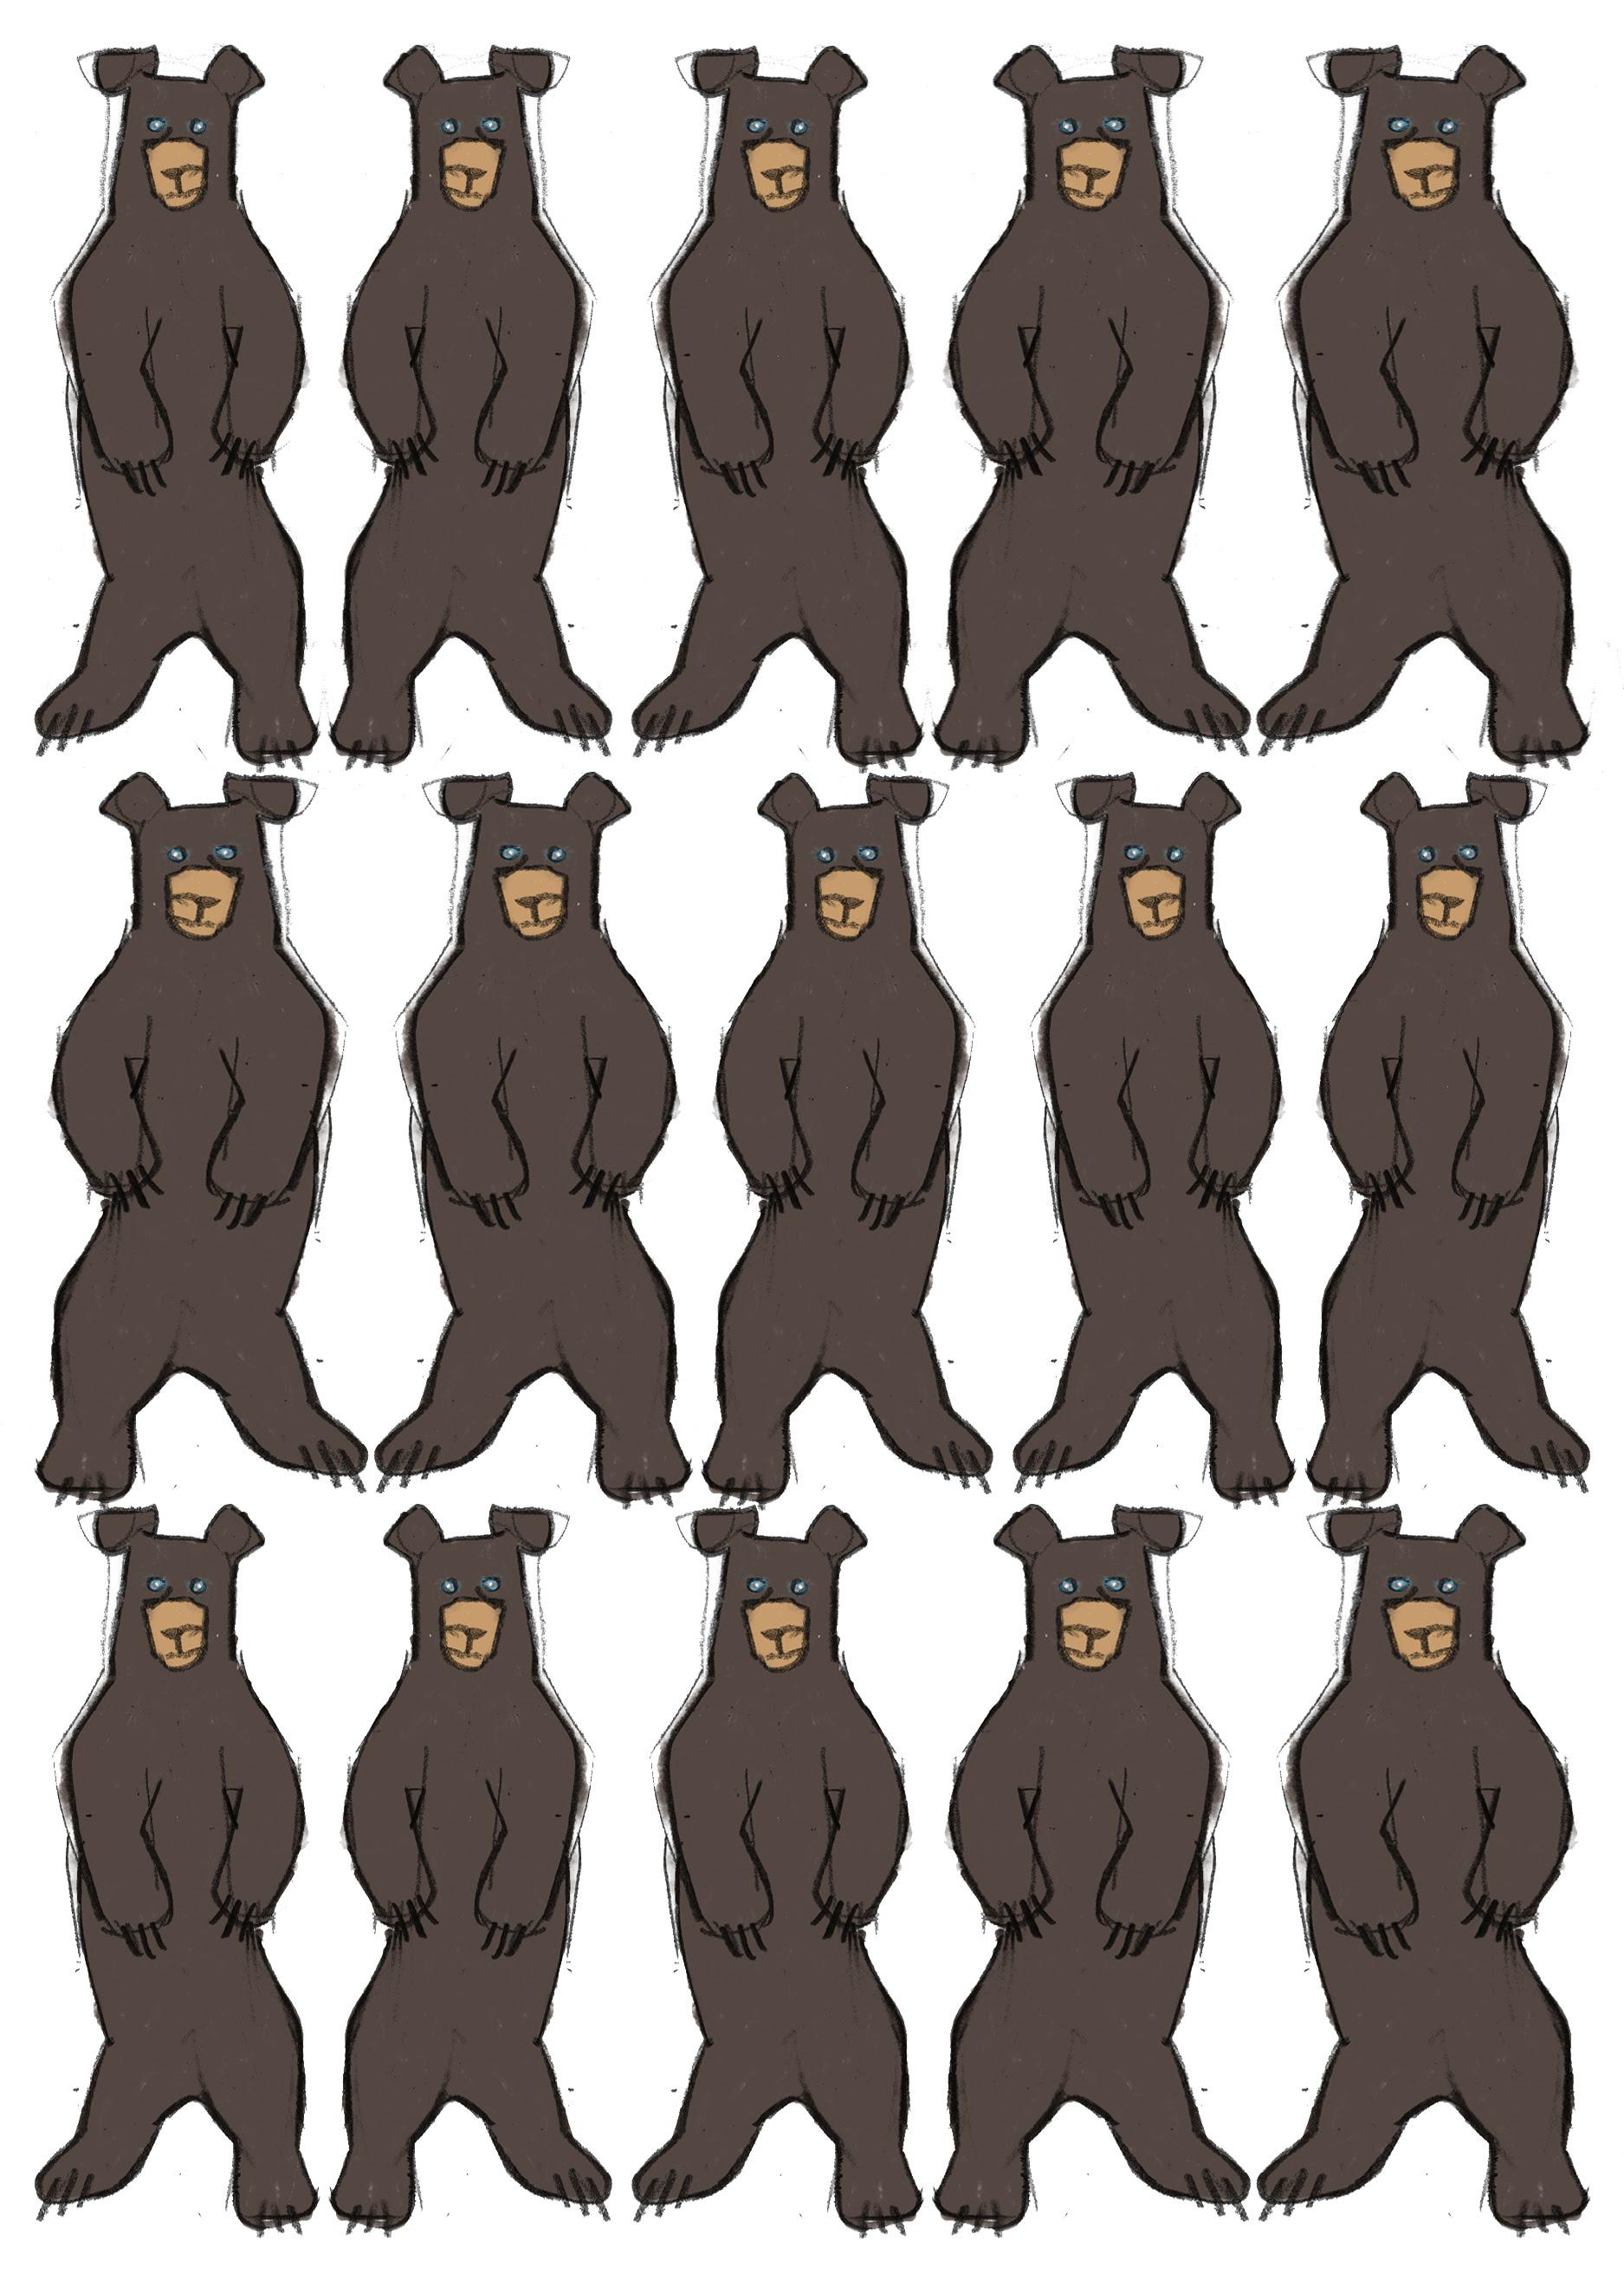 bear repeat